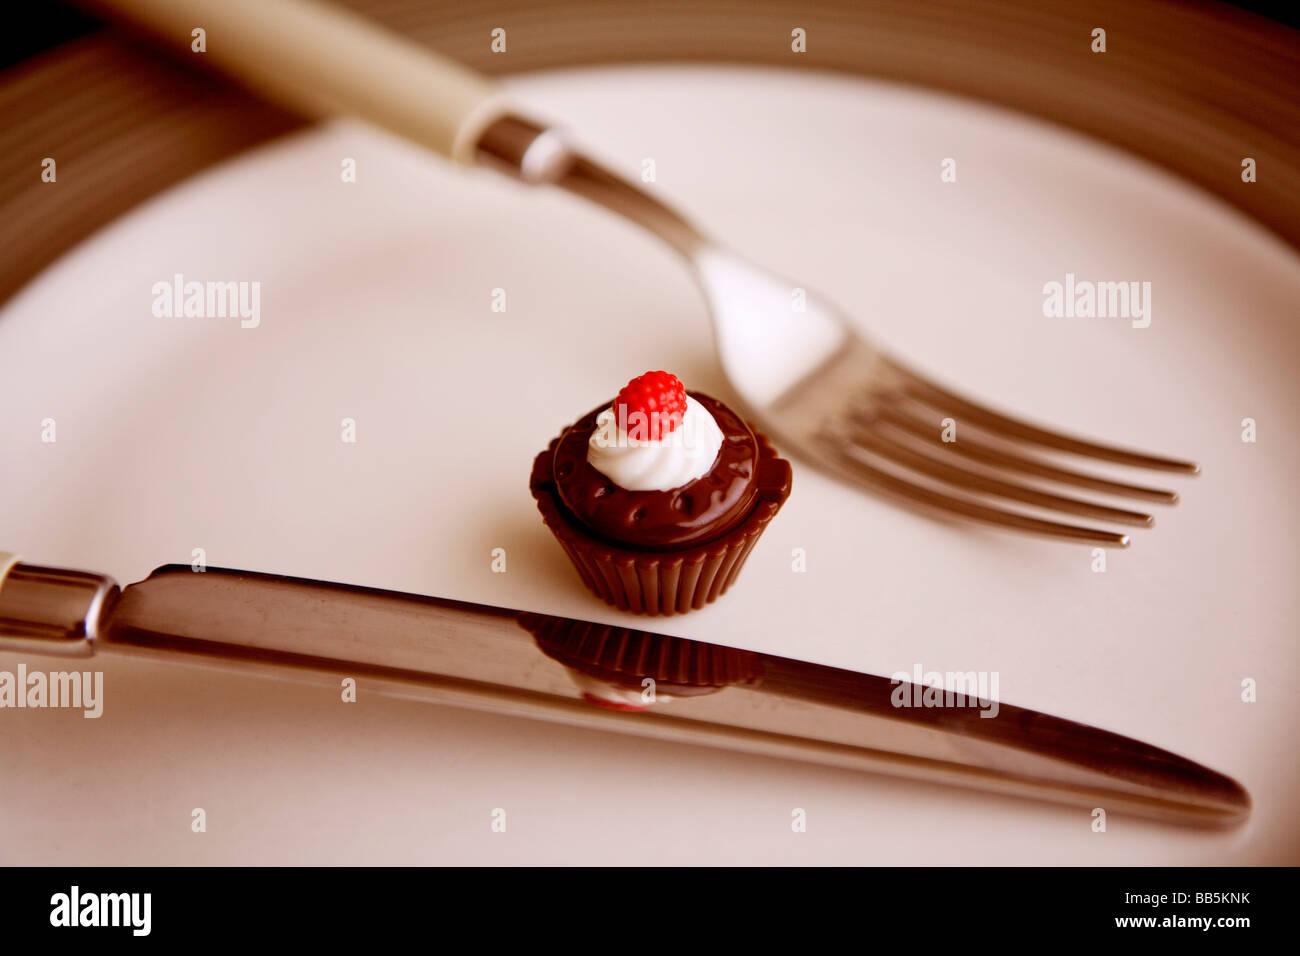 Un tout petit peu sur le plateau cupcake Photo Stock